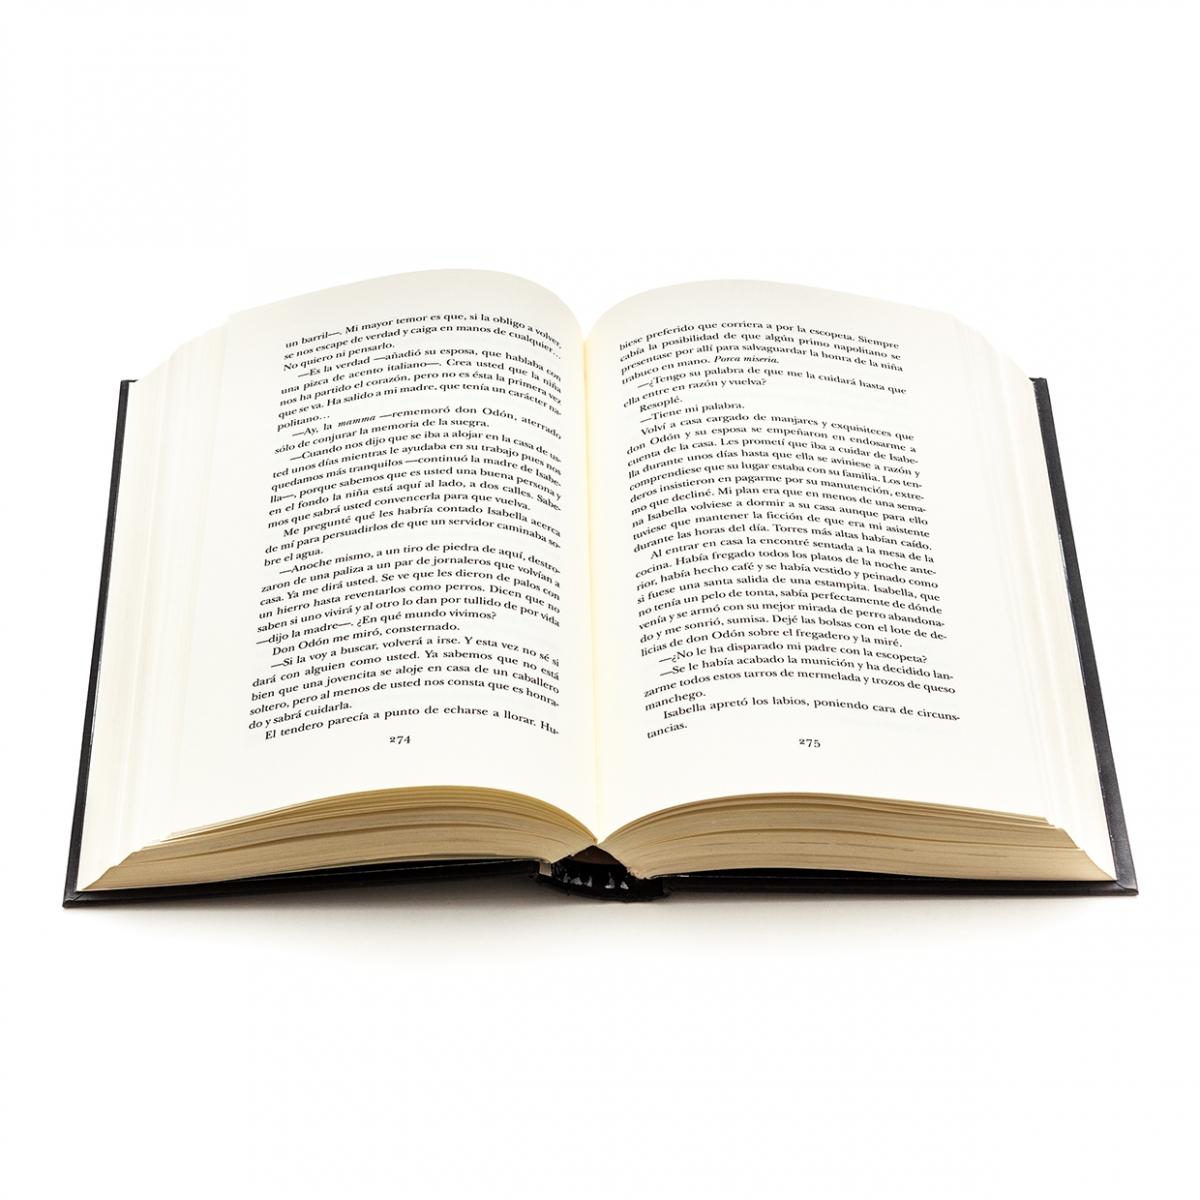 Imagen en la que se ve un libro abierto por dos de sus páginas